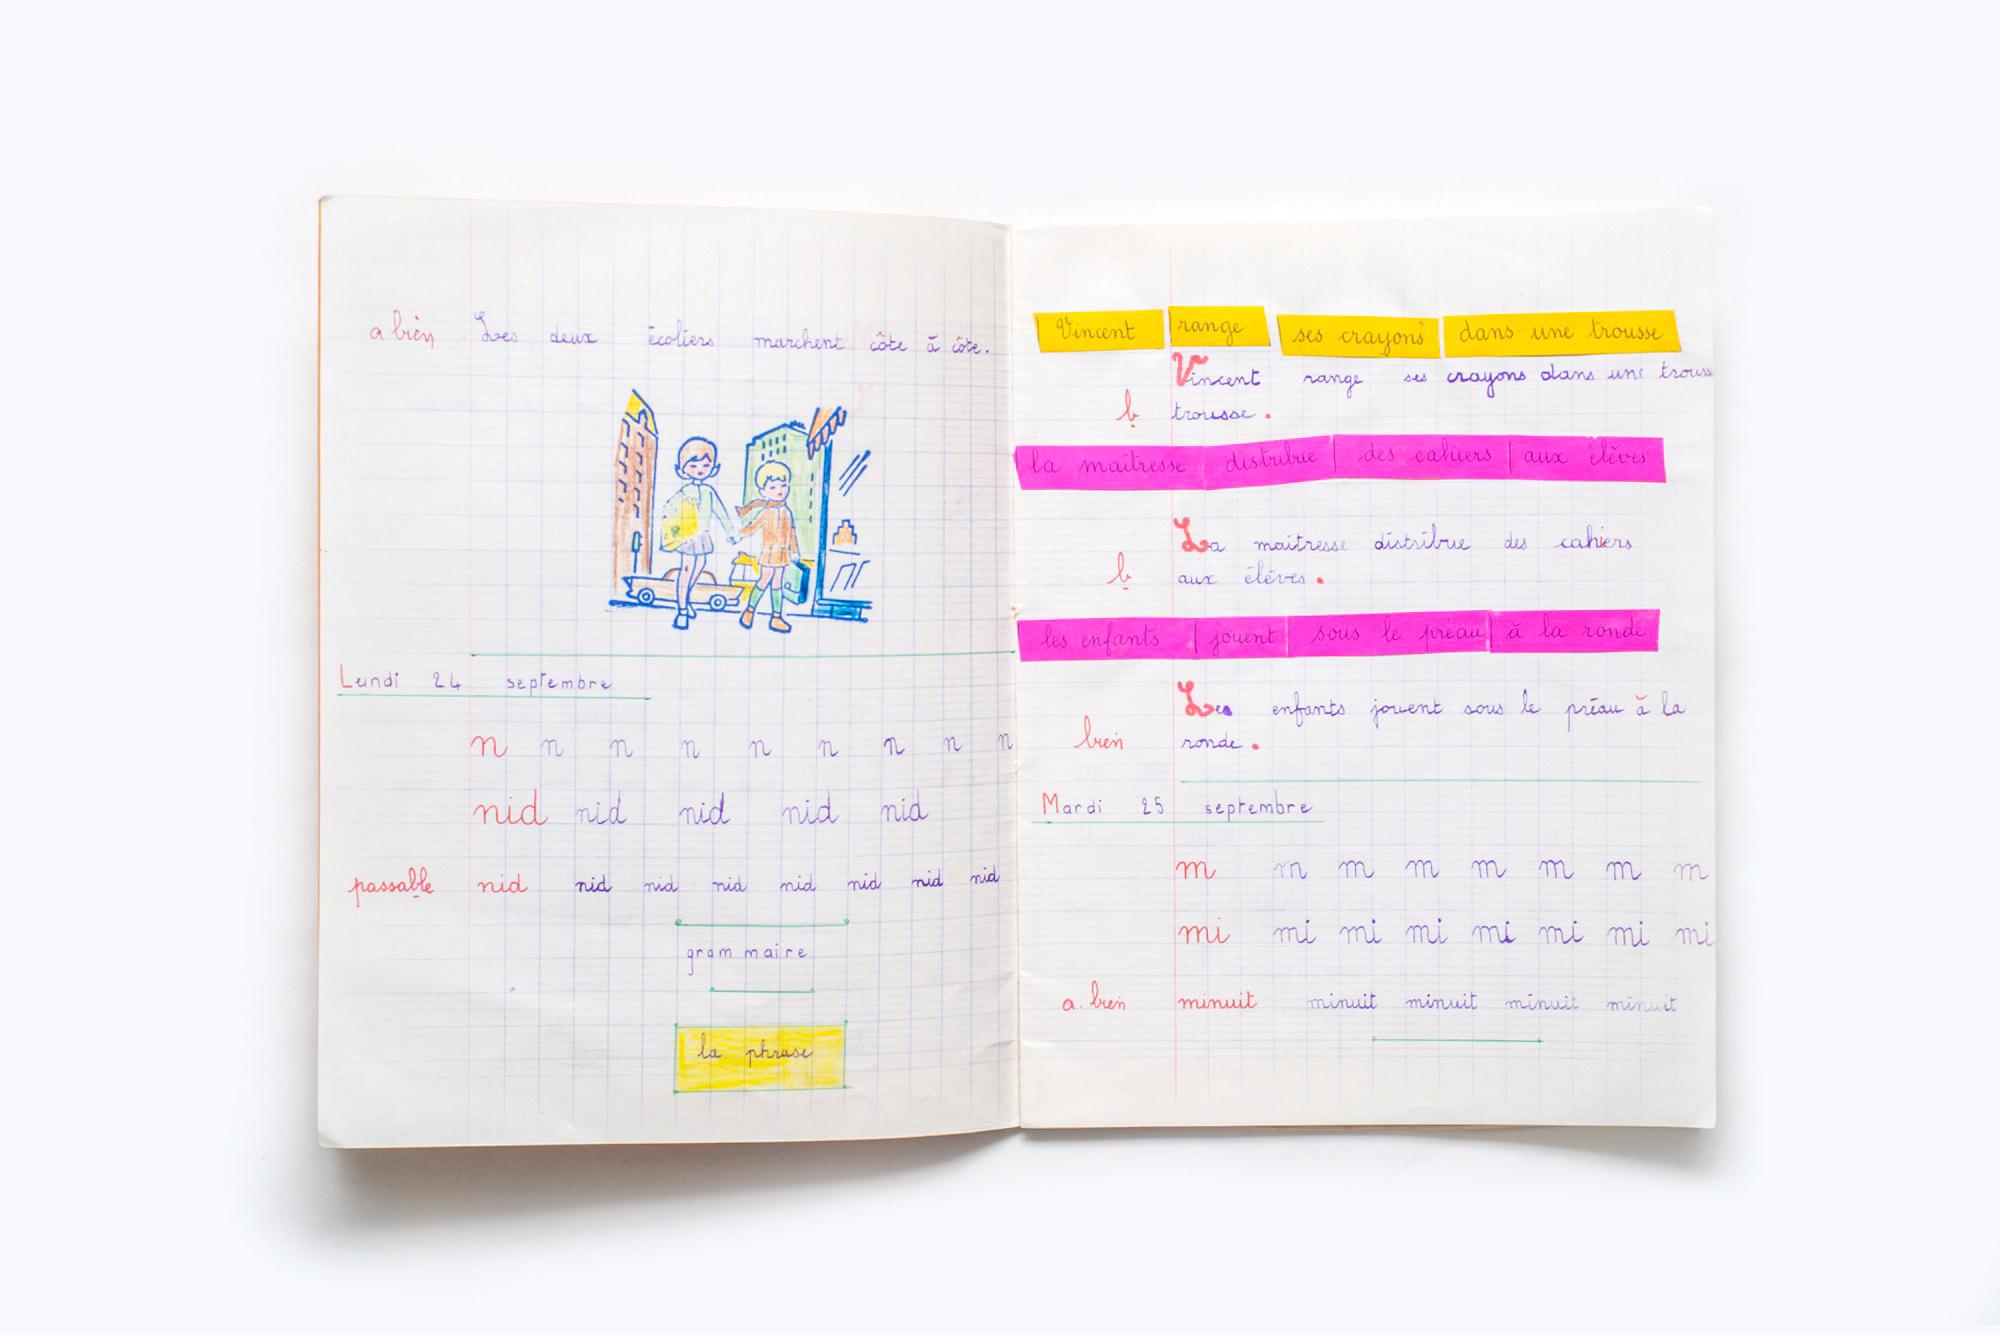 exercisebooks 6